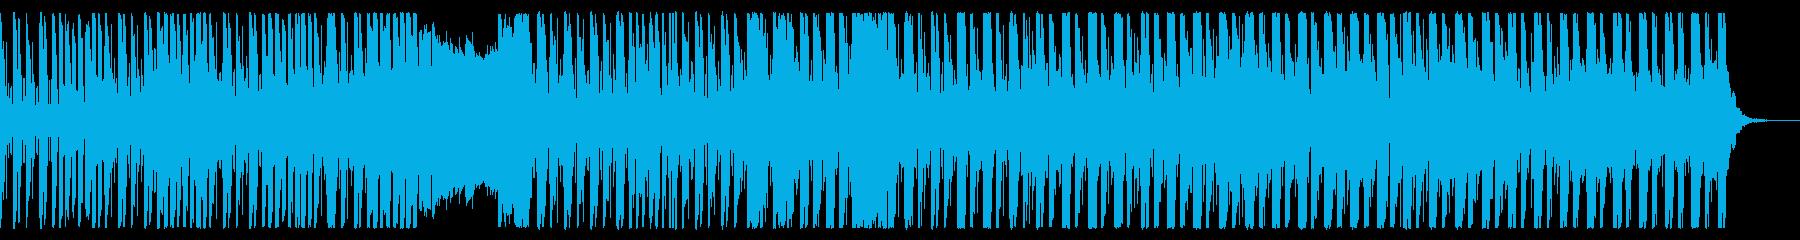 グルーヴィでクールなエレクトロニカの再生済みの波形